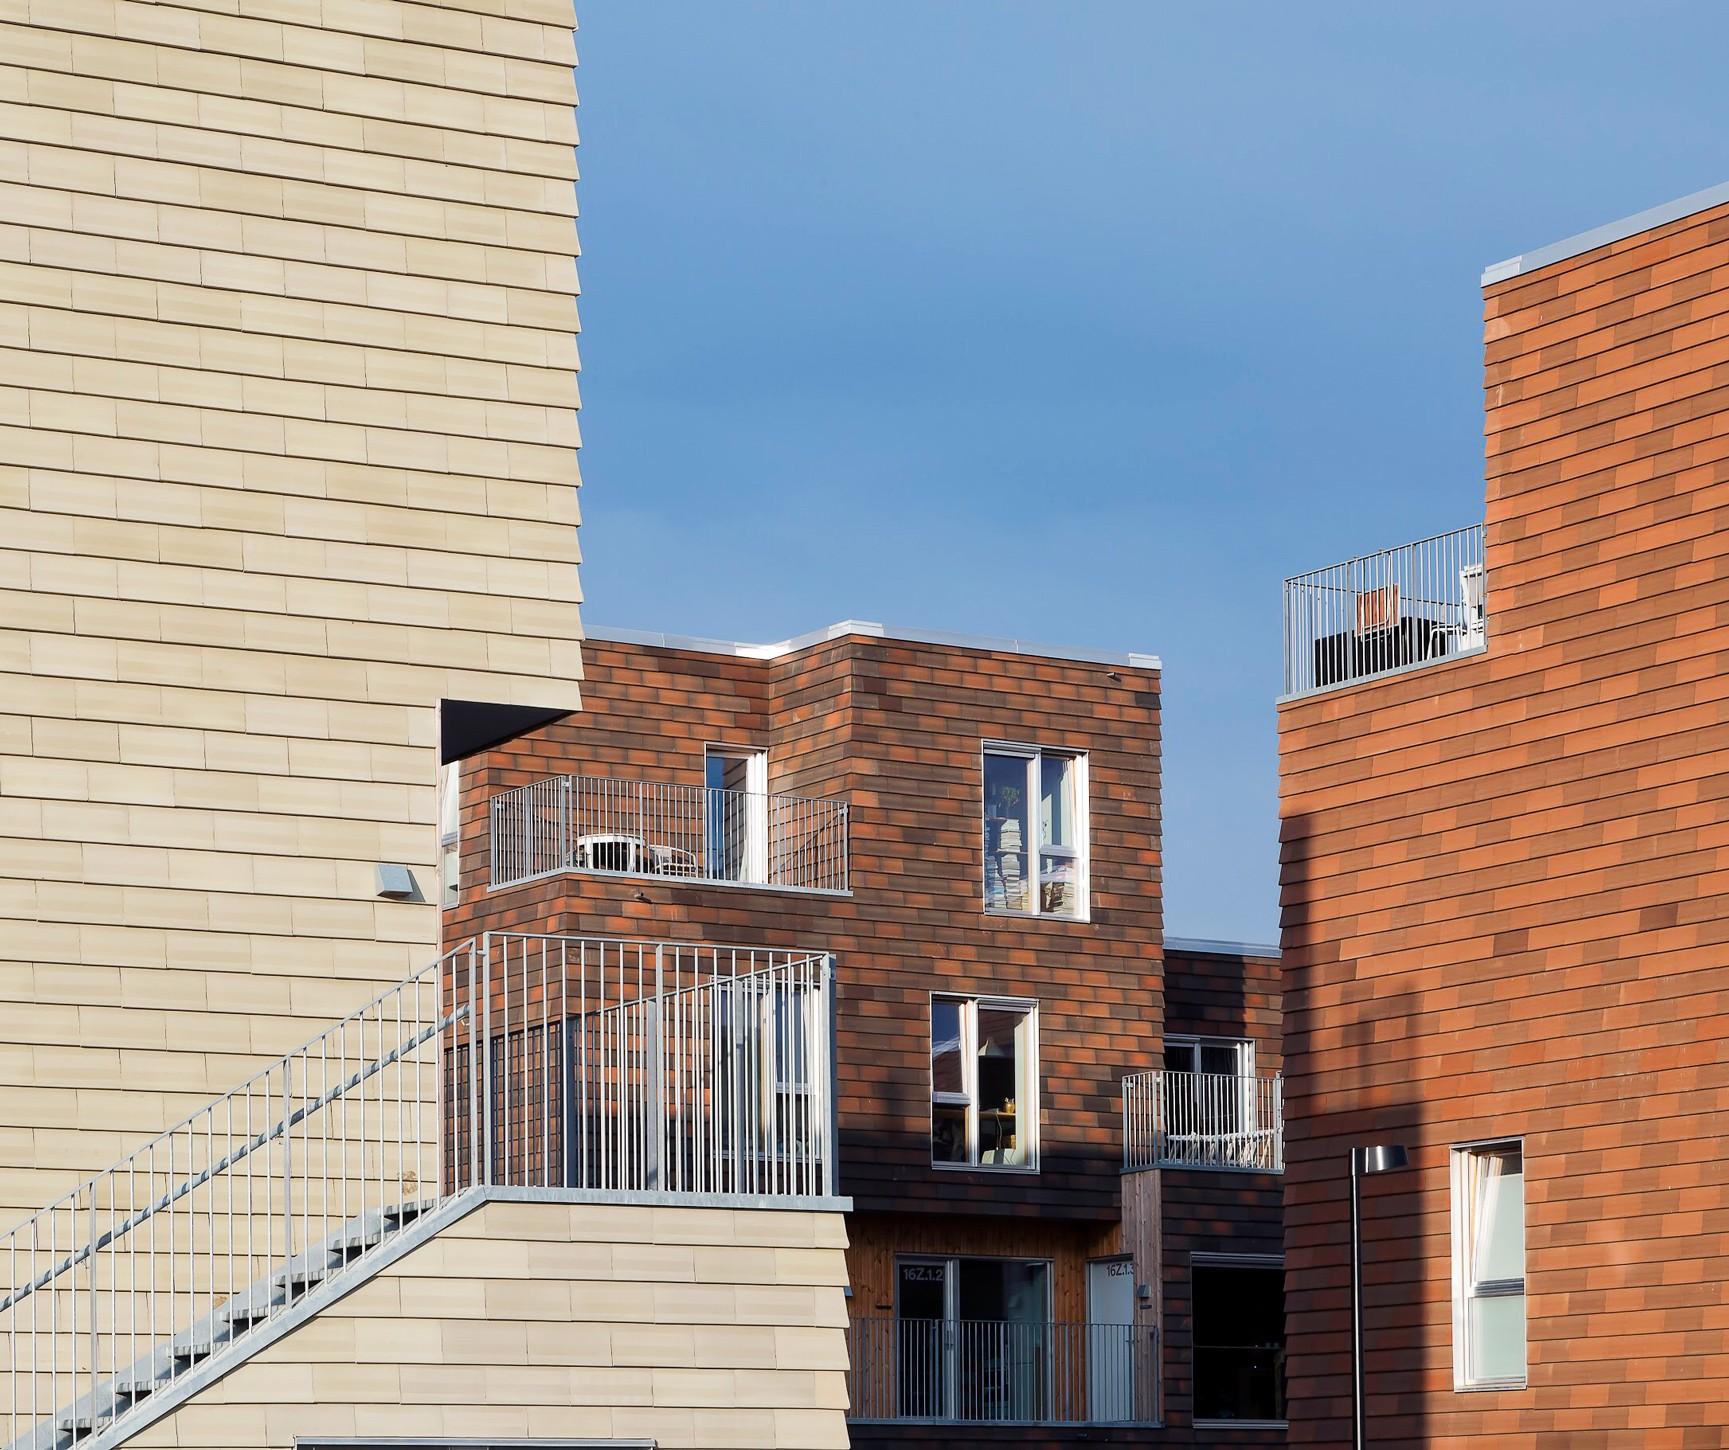 Parkkvarteret-arenakvarteret-Ørestaden-København-ONV-arkitekter-billige-boliger-præfab-boliger-06_1